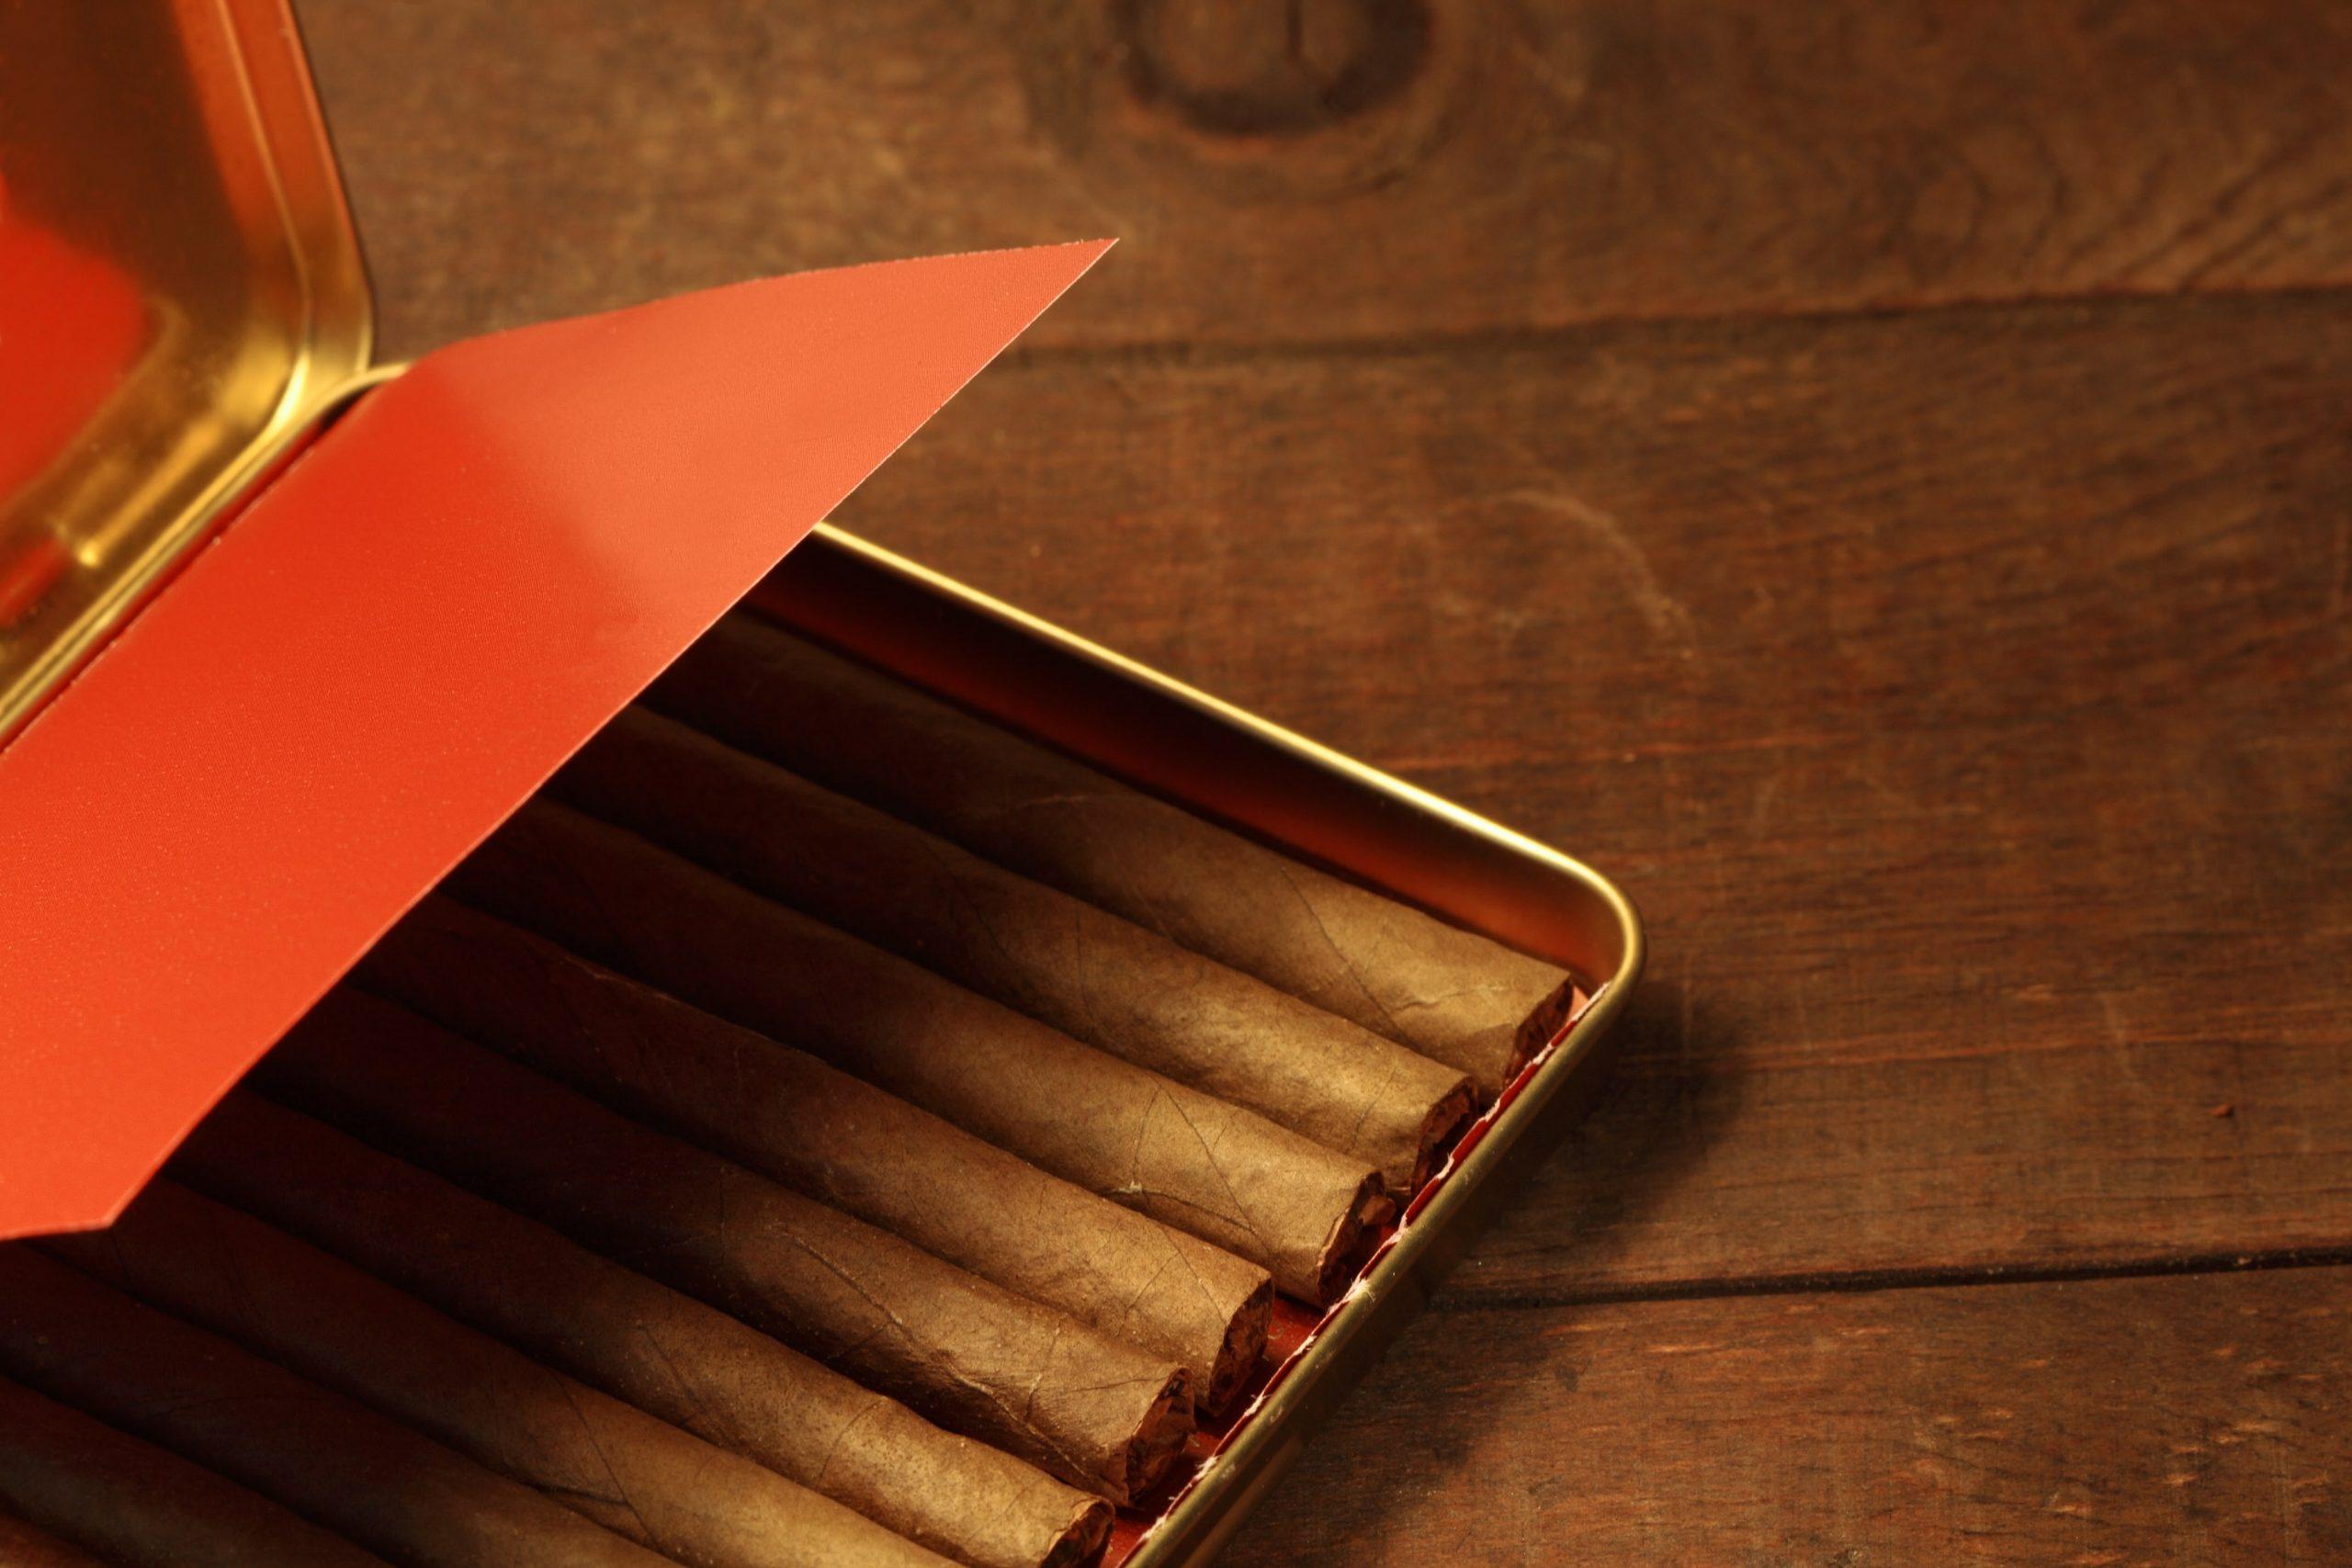 Doosje gevuld met sigaren